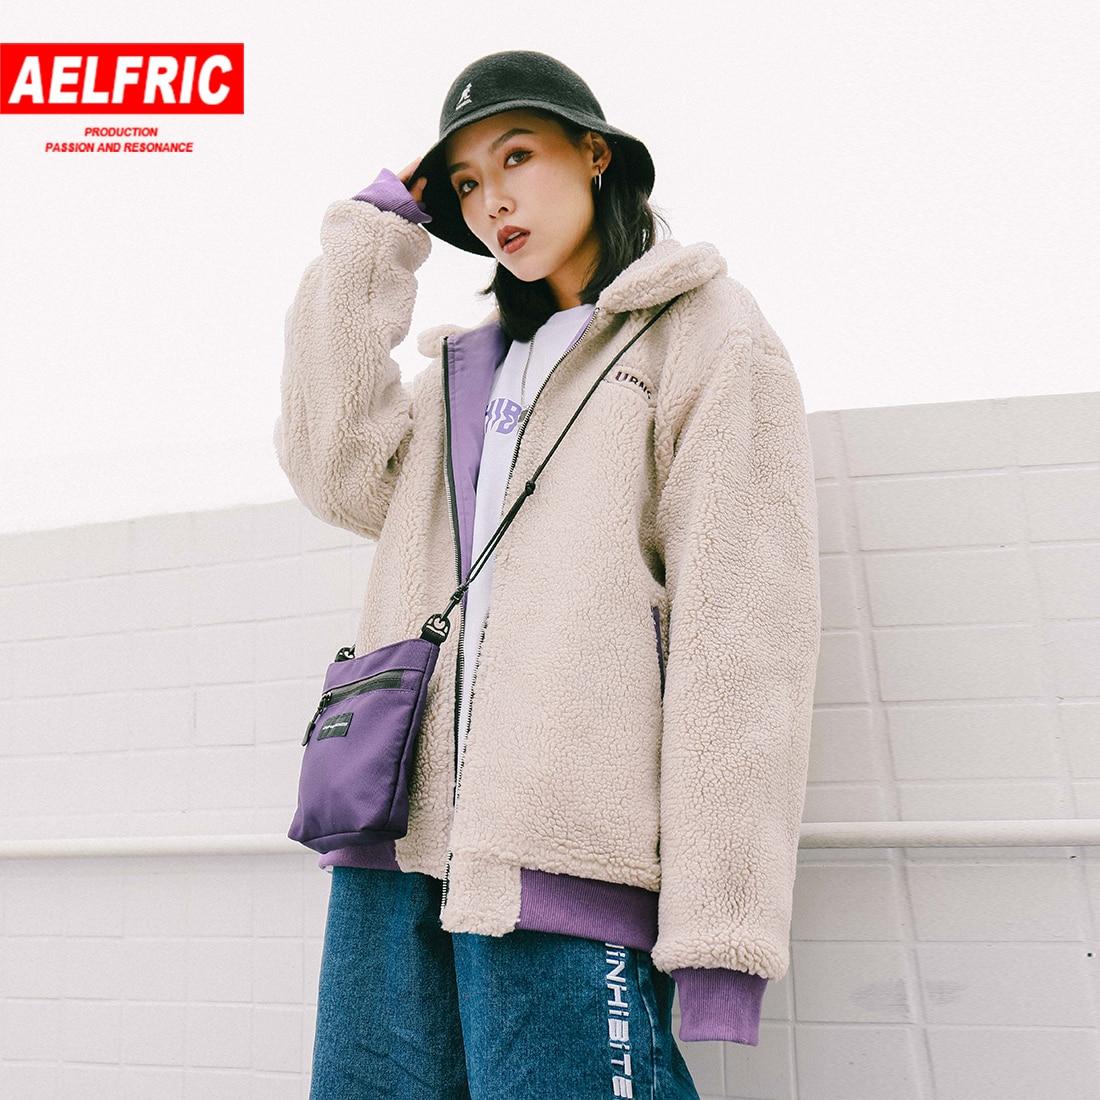 ad30405de6b Aelfric-Printemps-Laine-veste-en-cachemire-Femmes -hip-hop-Glissi-re-R-versible-Vestes-Harajuku-Broderie.jpg